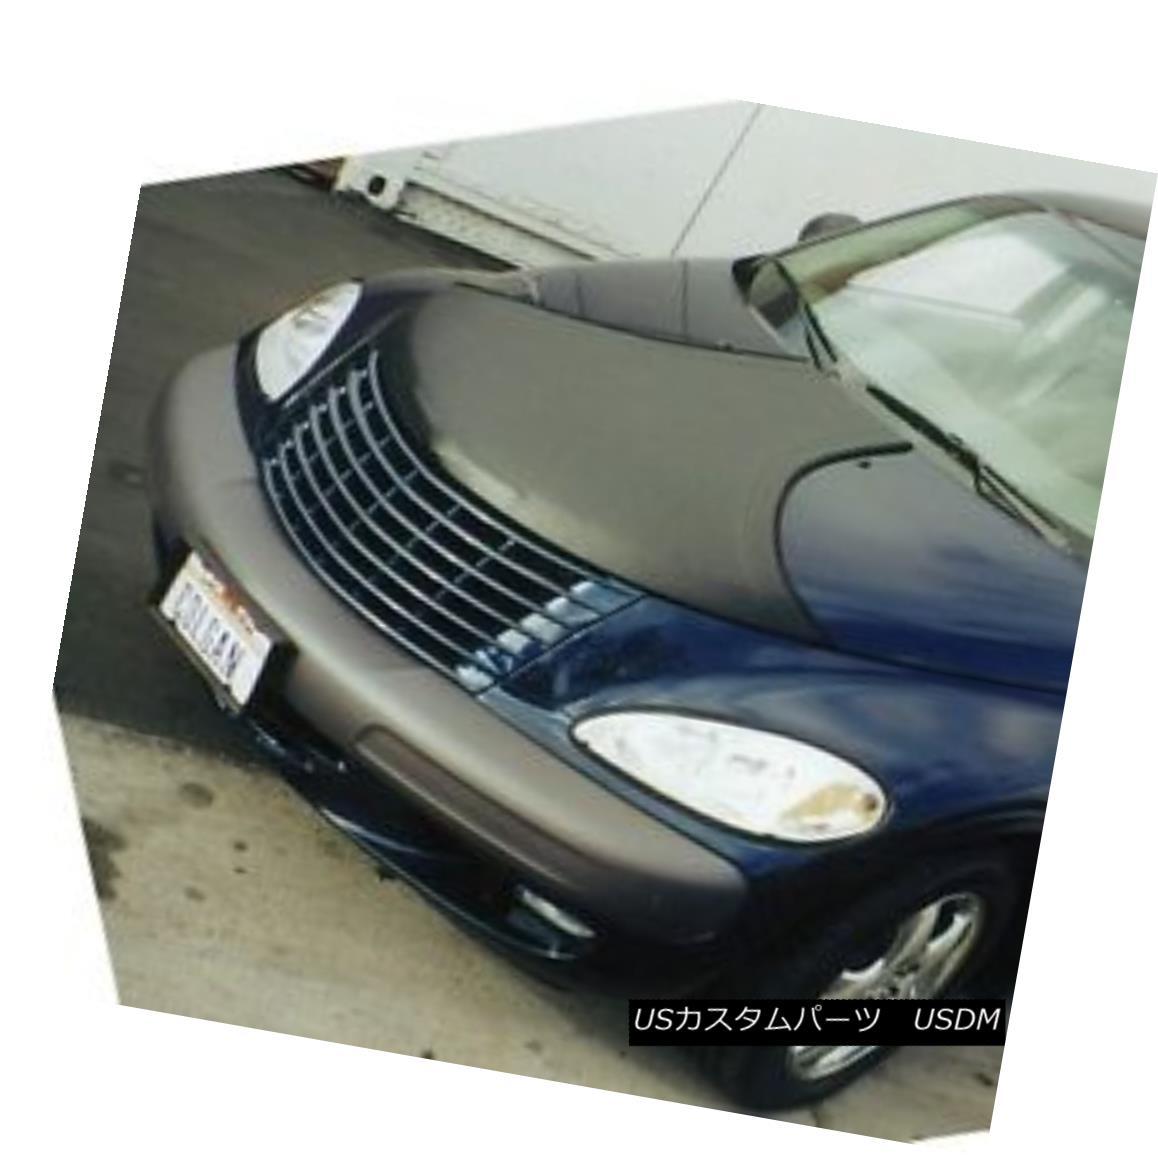 フルブラ ノーズブラ Colgan T-Style Hood Bra Mask Fits Chrysler PT Cruiser 2001-2010 コルガンT-スタイルのフードブラのマスクは、クライスラーPTクルーザー2001-2010に合う